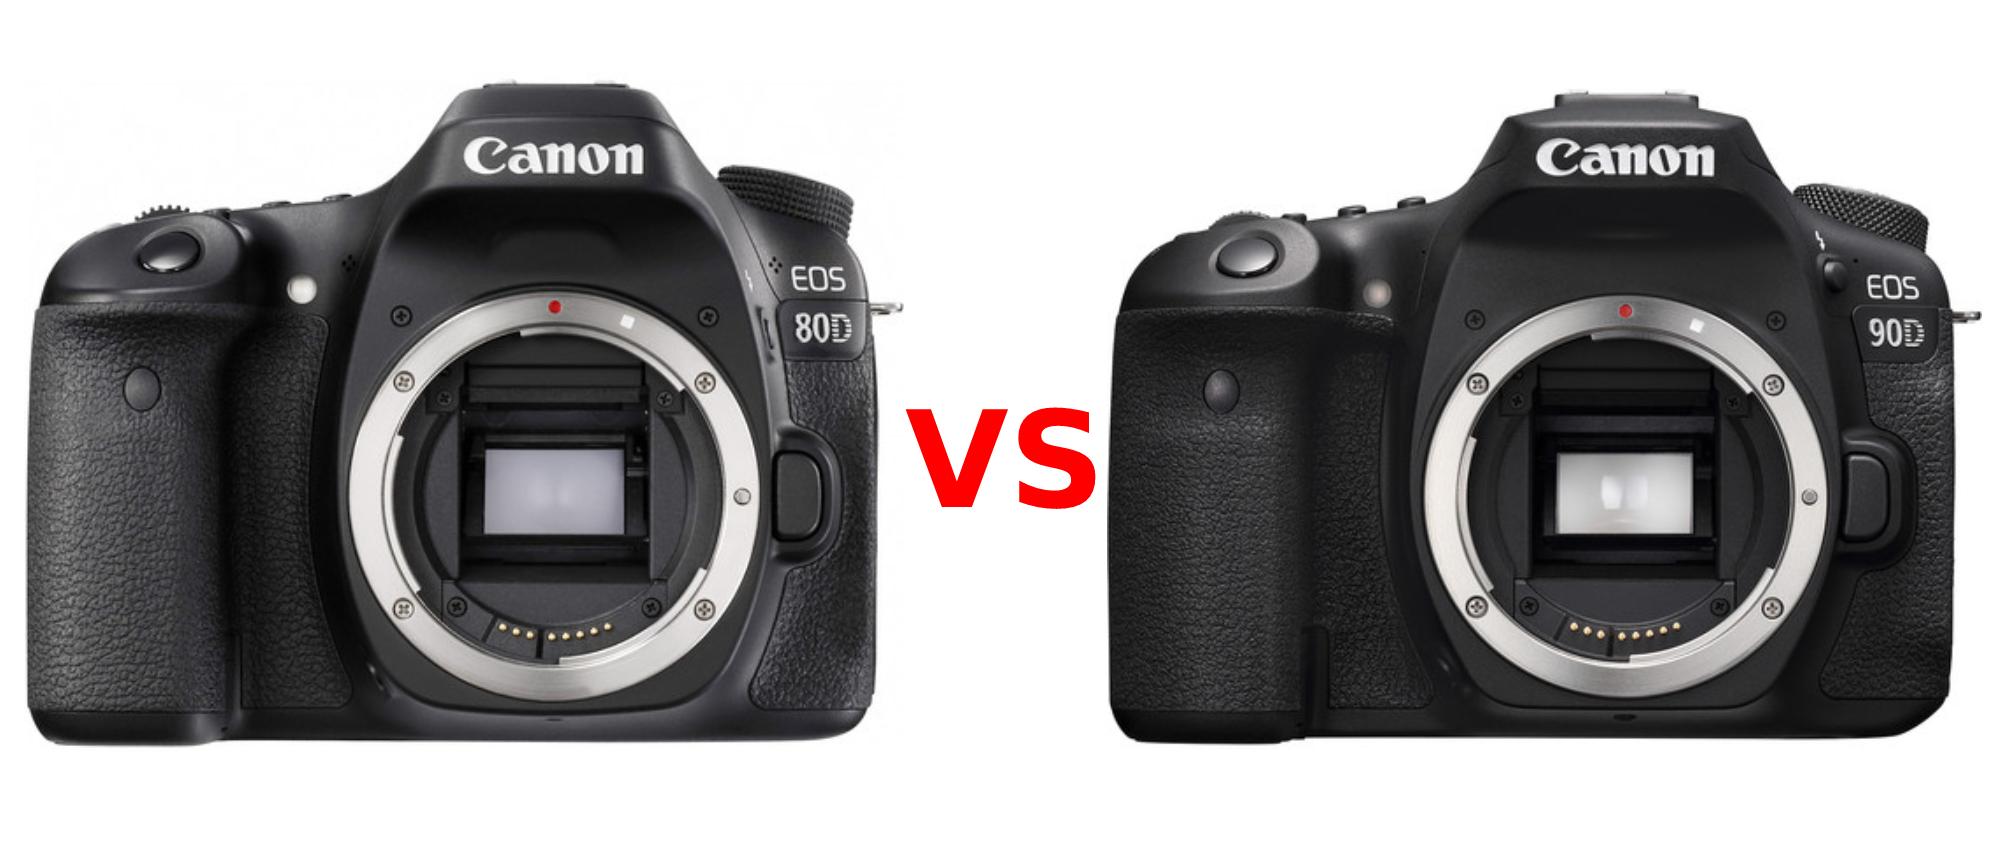 canon eos 80d vs canon eos 90d image